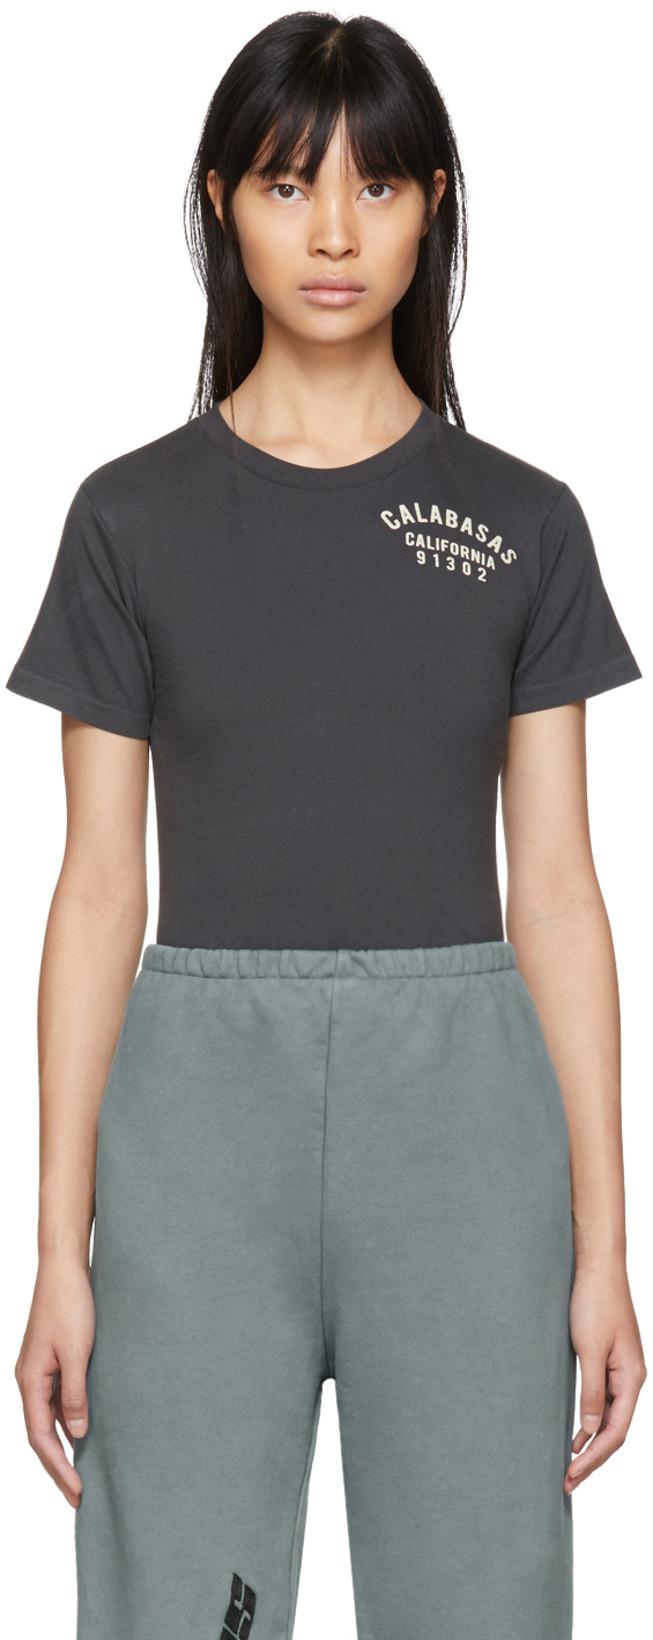 Yeezy Calabasas Tee - Yeezy Calabasas T-Shirt - $90.00